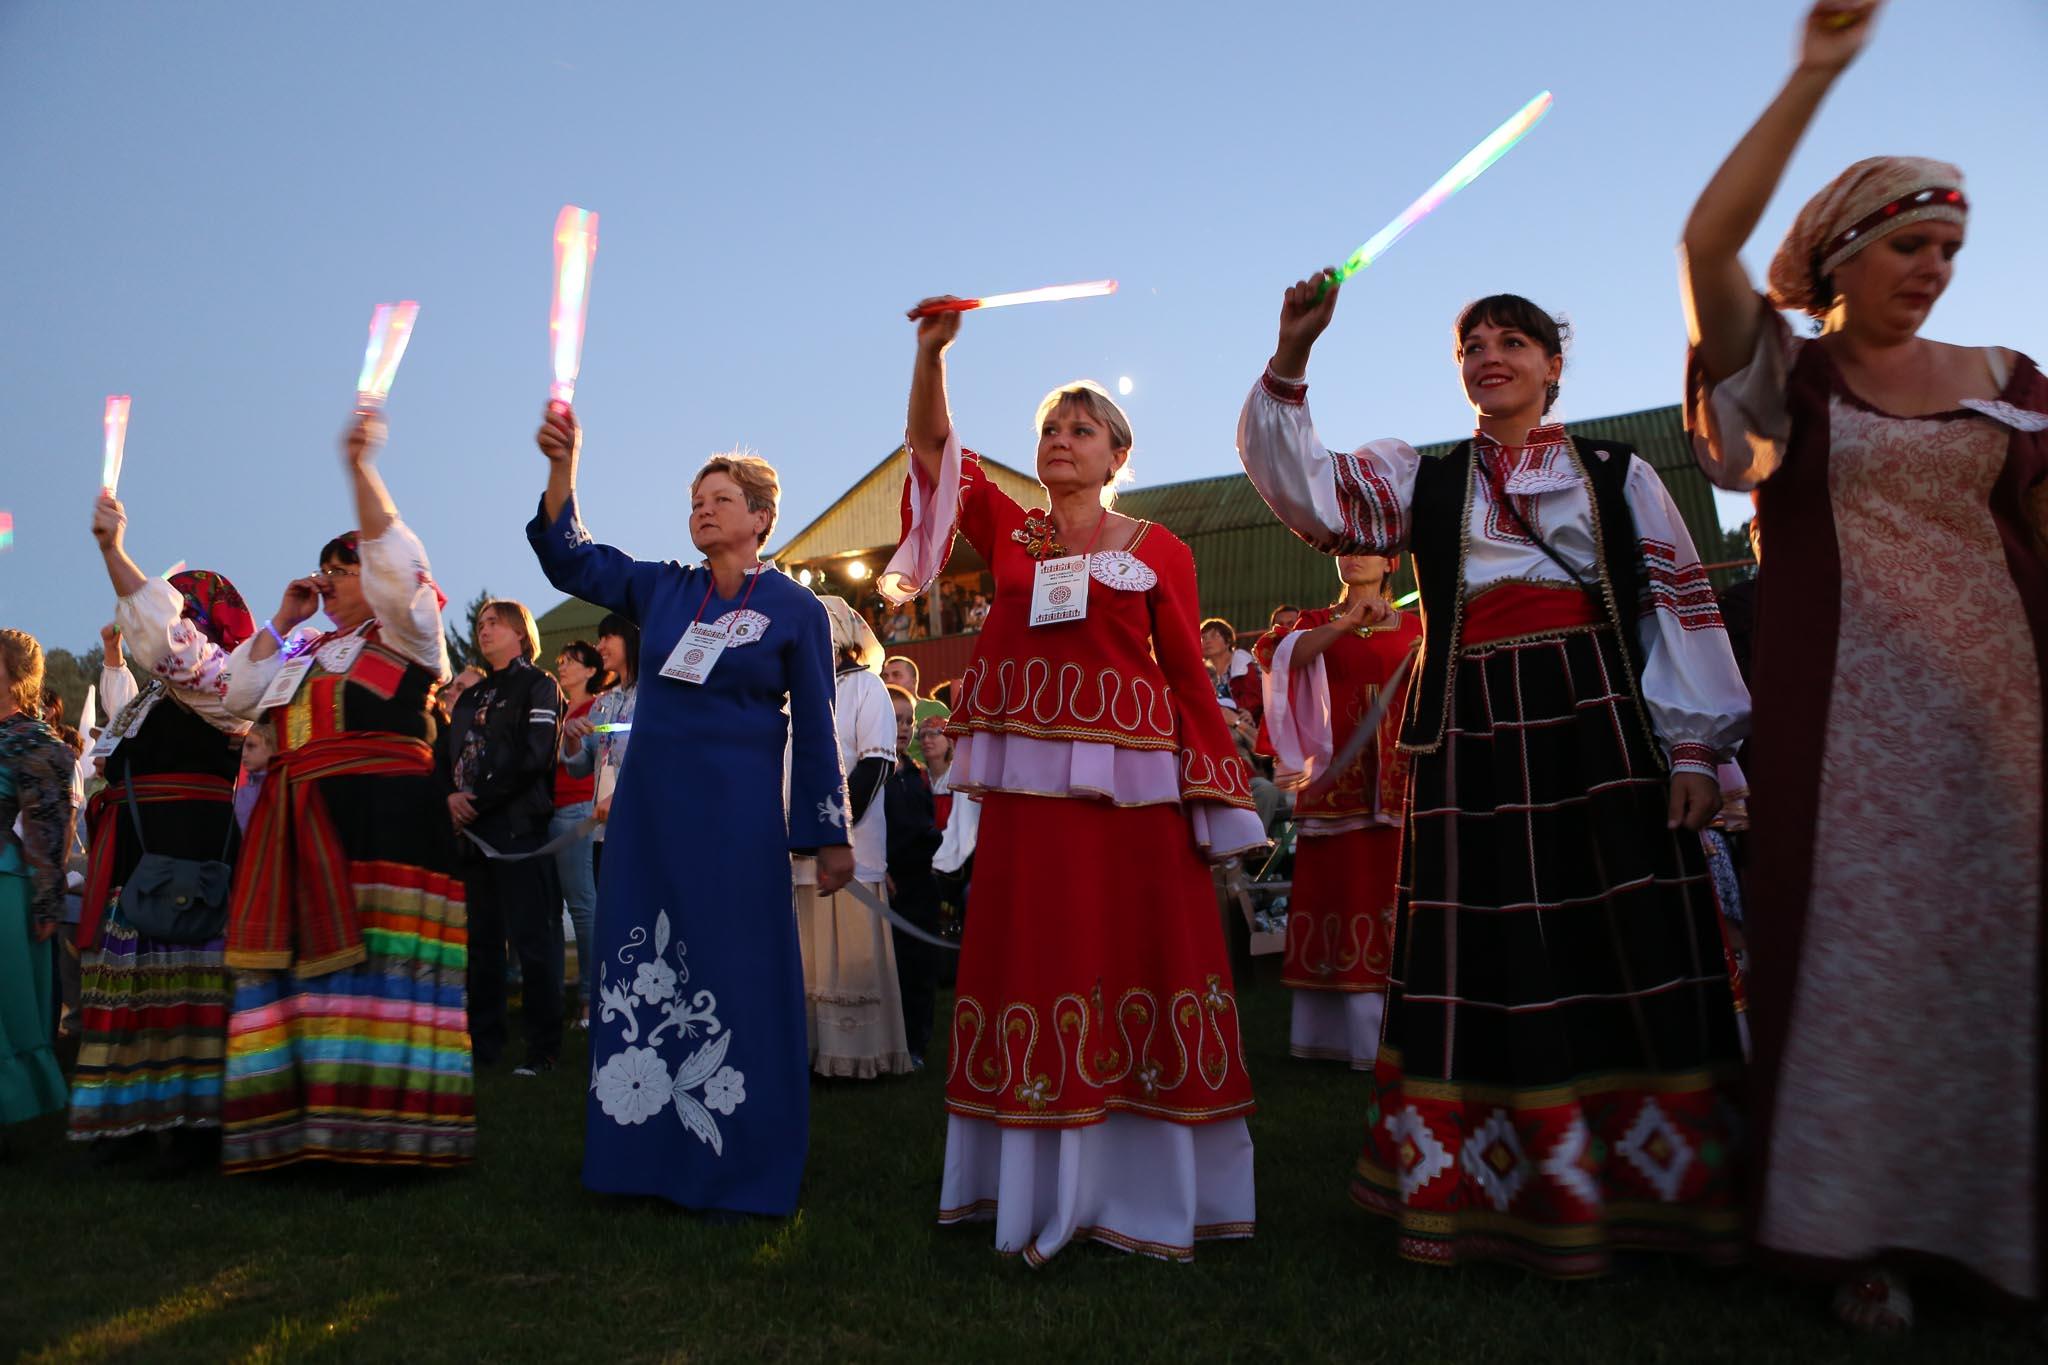 Нафестивале «Белгородская слобода— Узорный хоровод» установили два рекорда